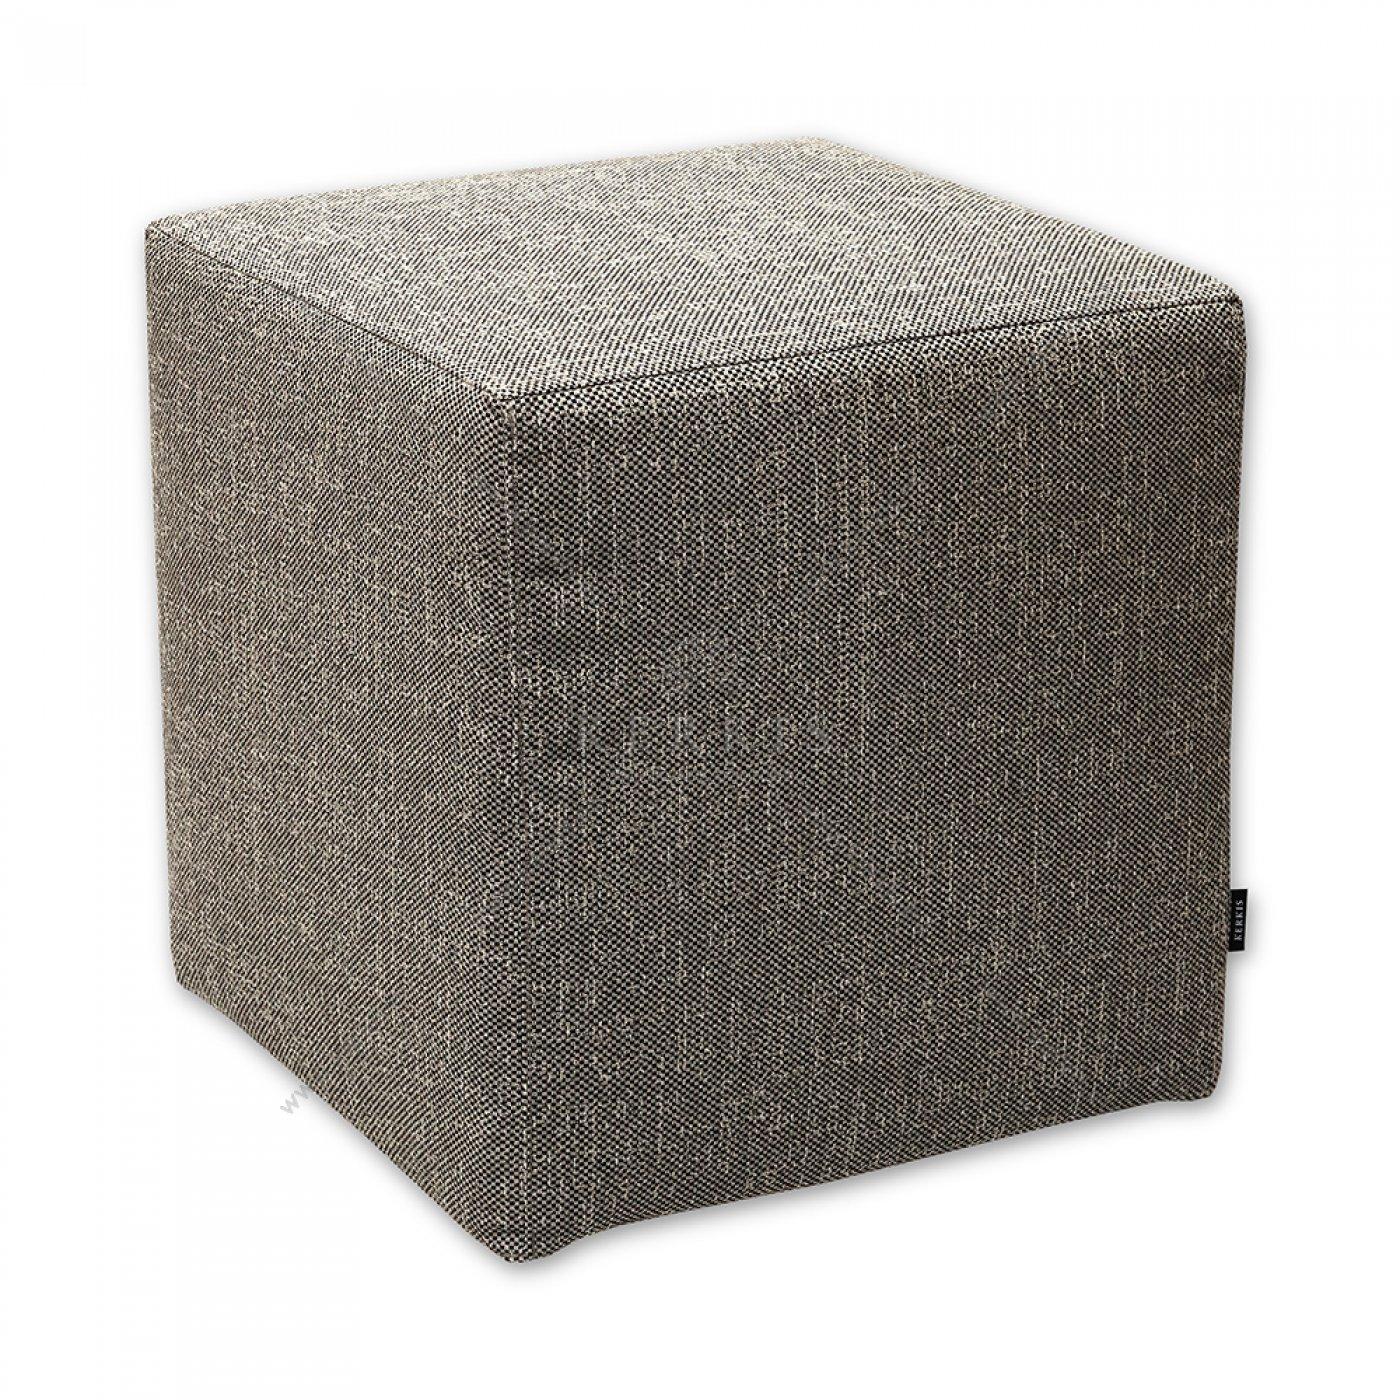 Σκαμπό κύβος μπεζ κατασκευασμένος από την Kerkis Tailormade Comfort με υψηλές προδιαγραφές ποιότητας για αισθητική και αντοχή.